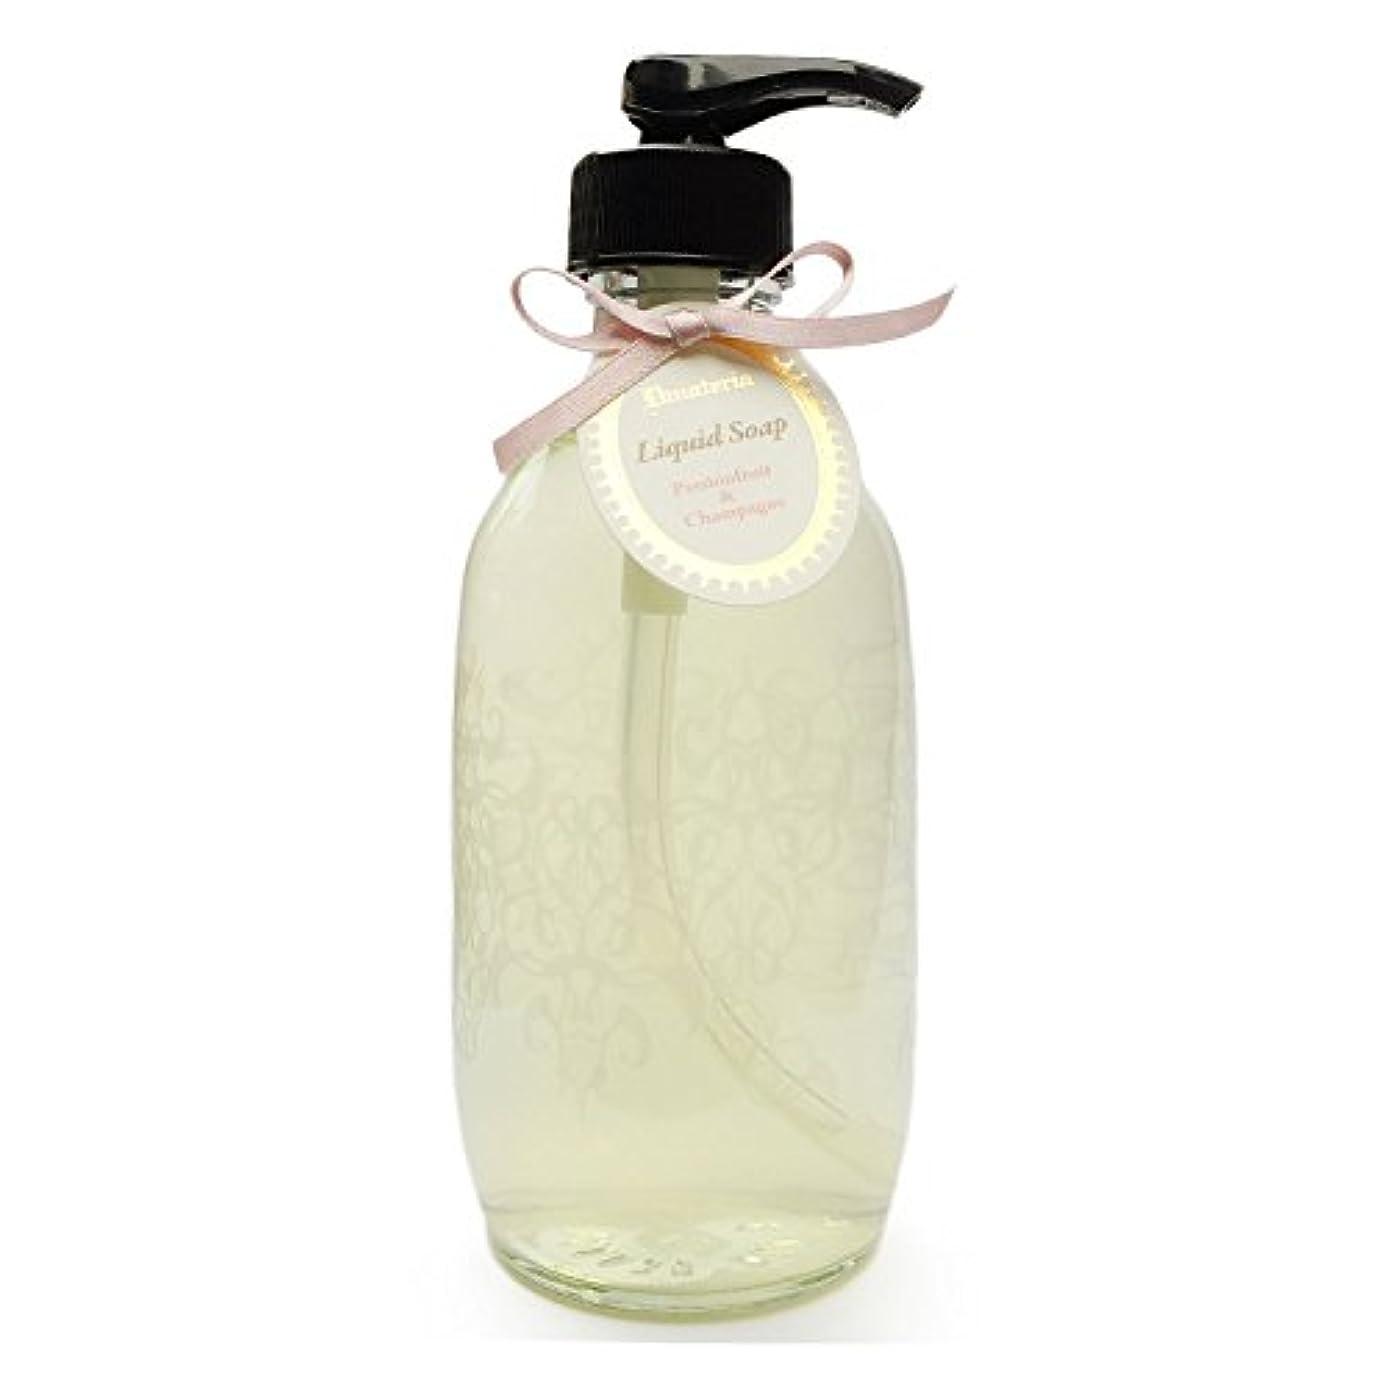 推定衝突コースゴシップD materia リキッドソープ パッションフルーツ&シャンパン Passionfruit&Champagne Liquid Soap ディーマテリア